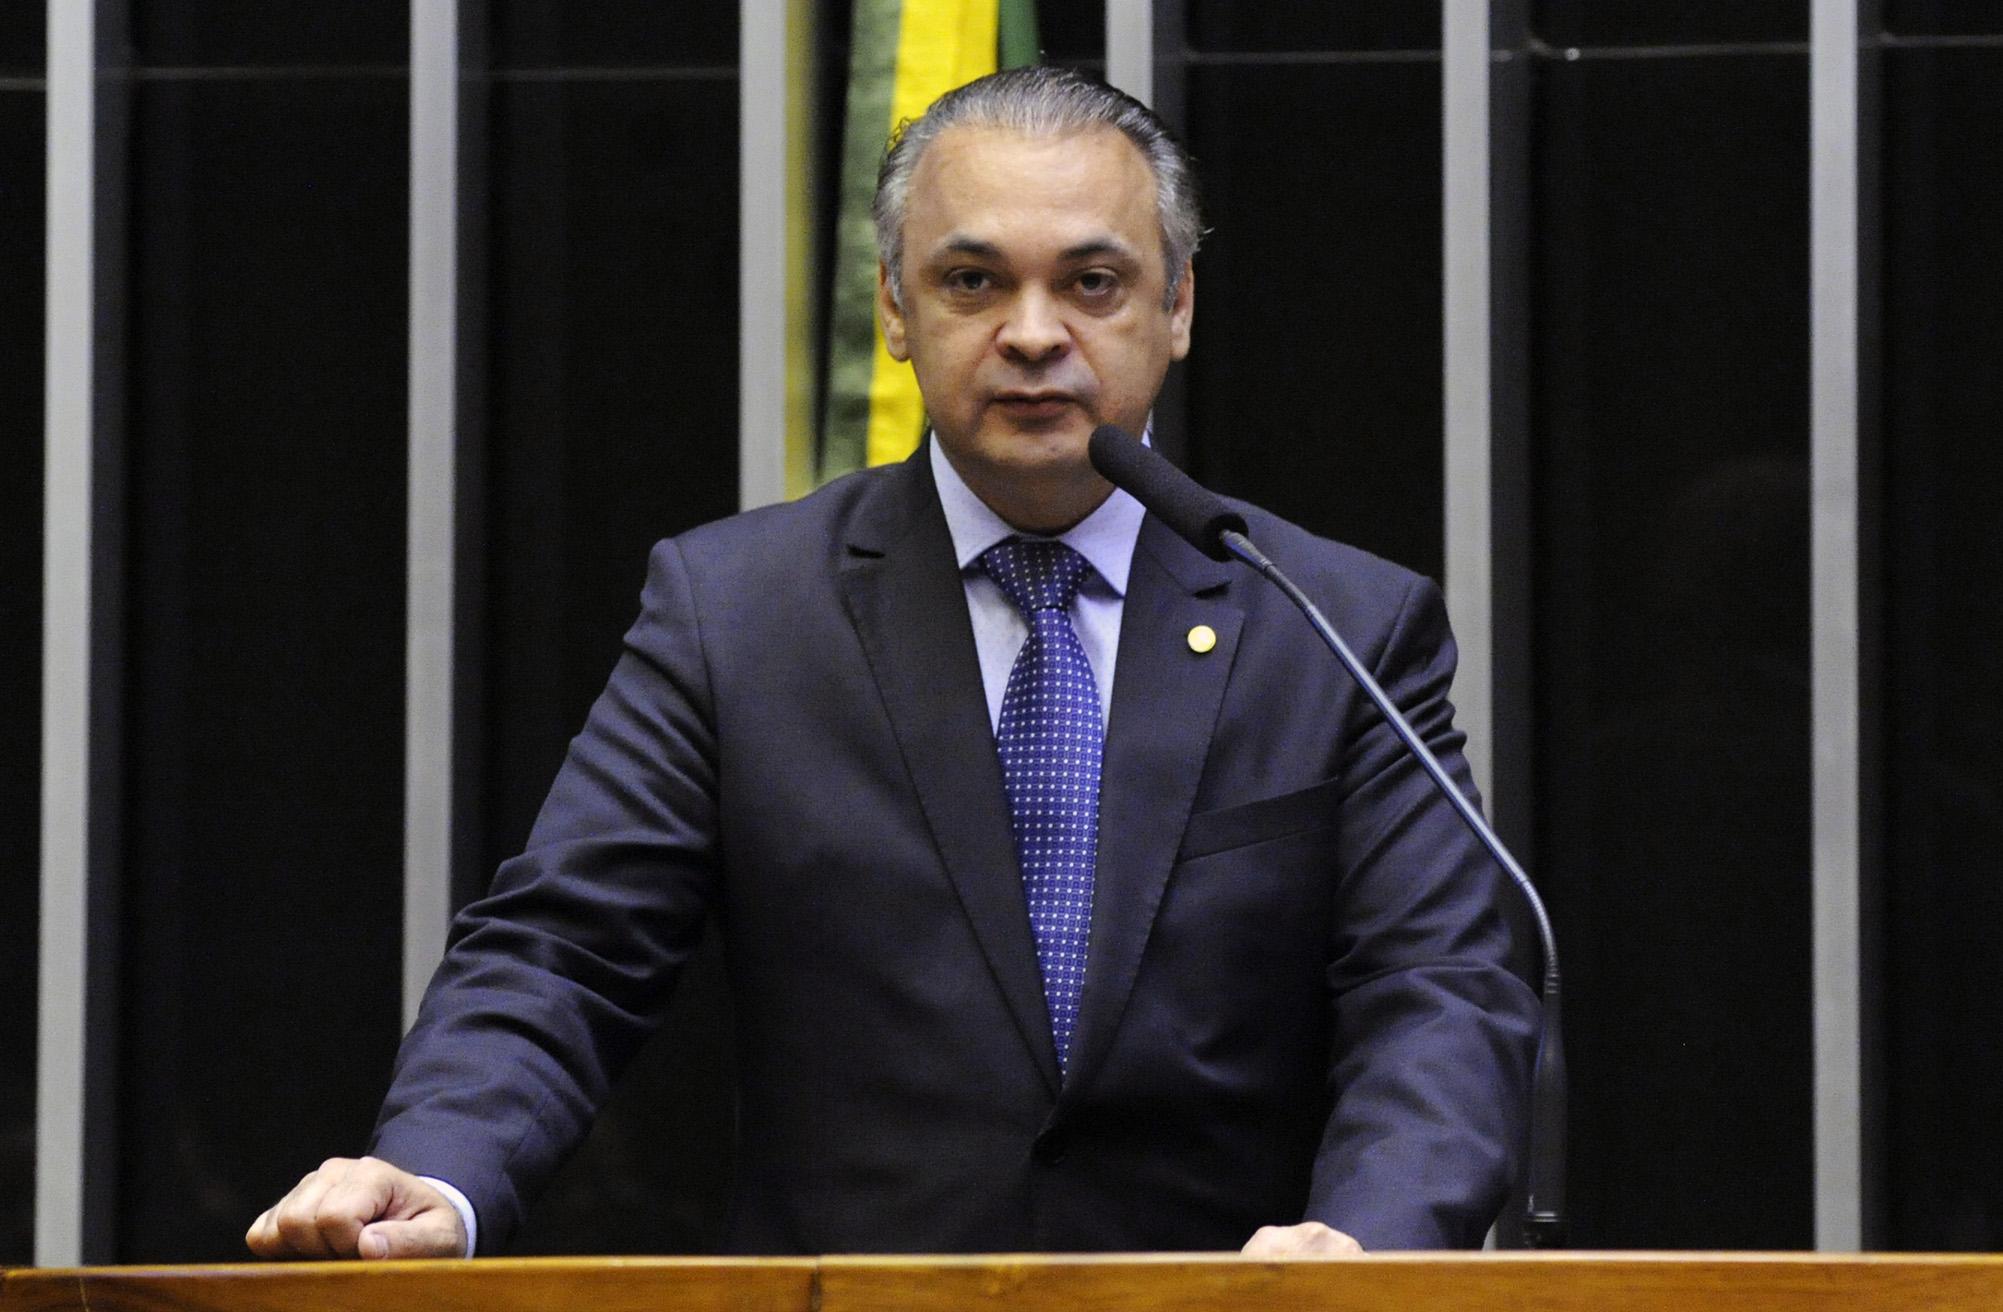 Concessão do Prêmio Transparência e Fiscalização Pública. Dep. Roberto de Lucena (PODE - SP)